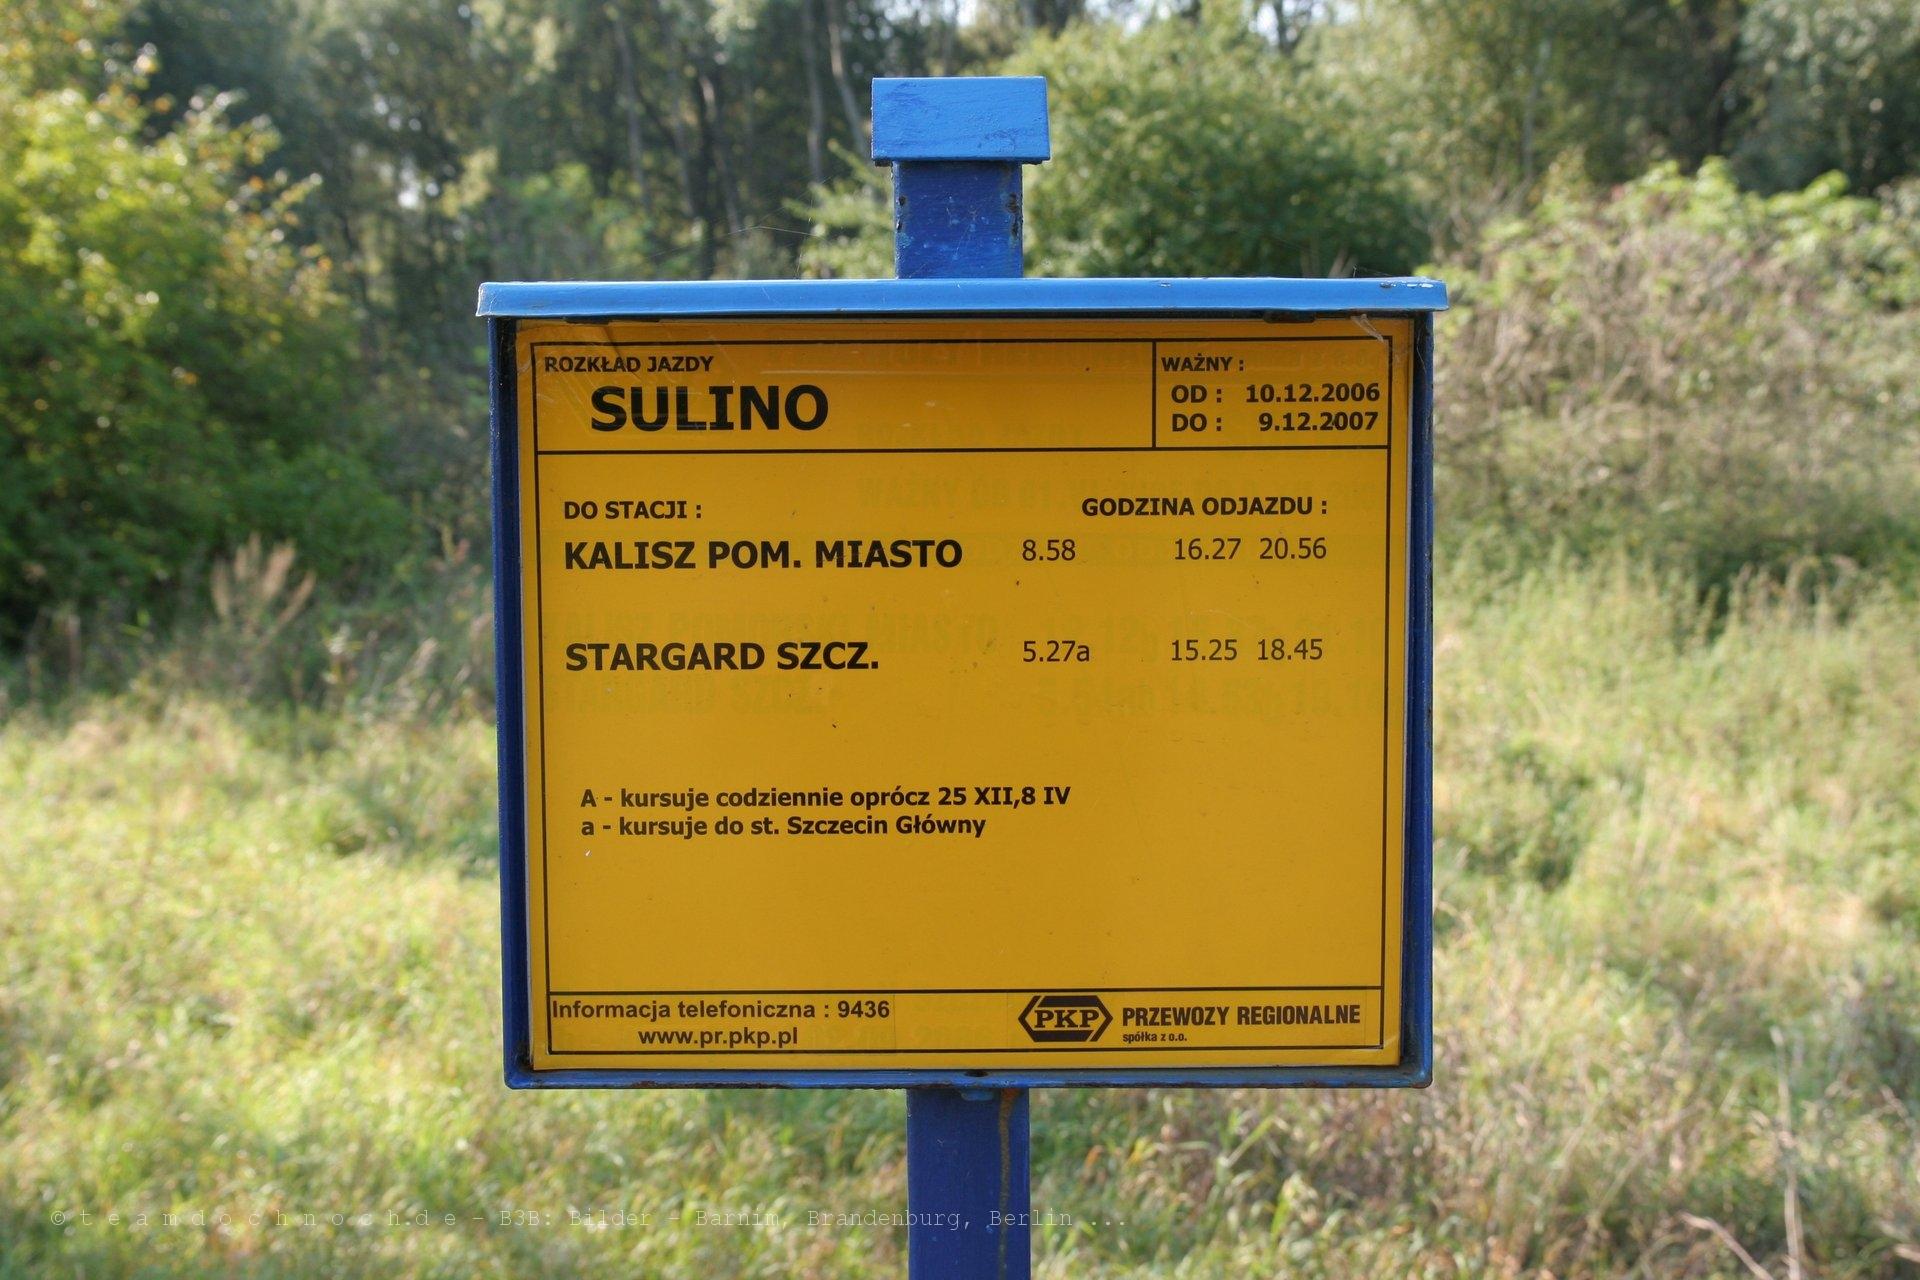 Bahnhof Sulino